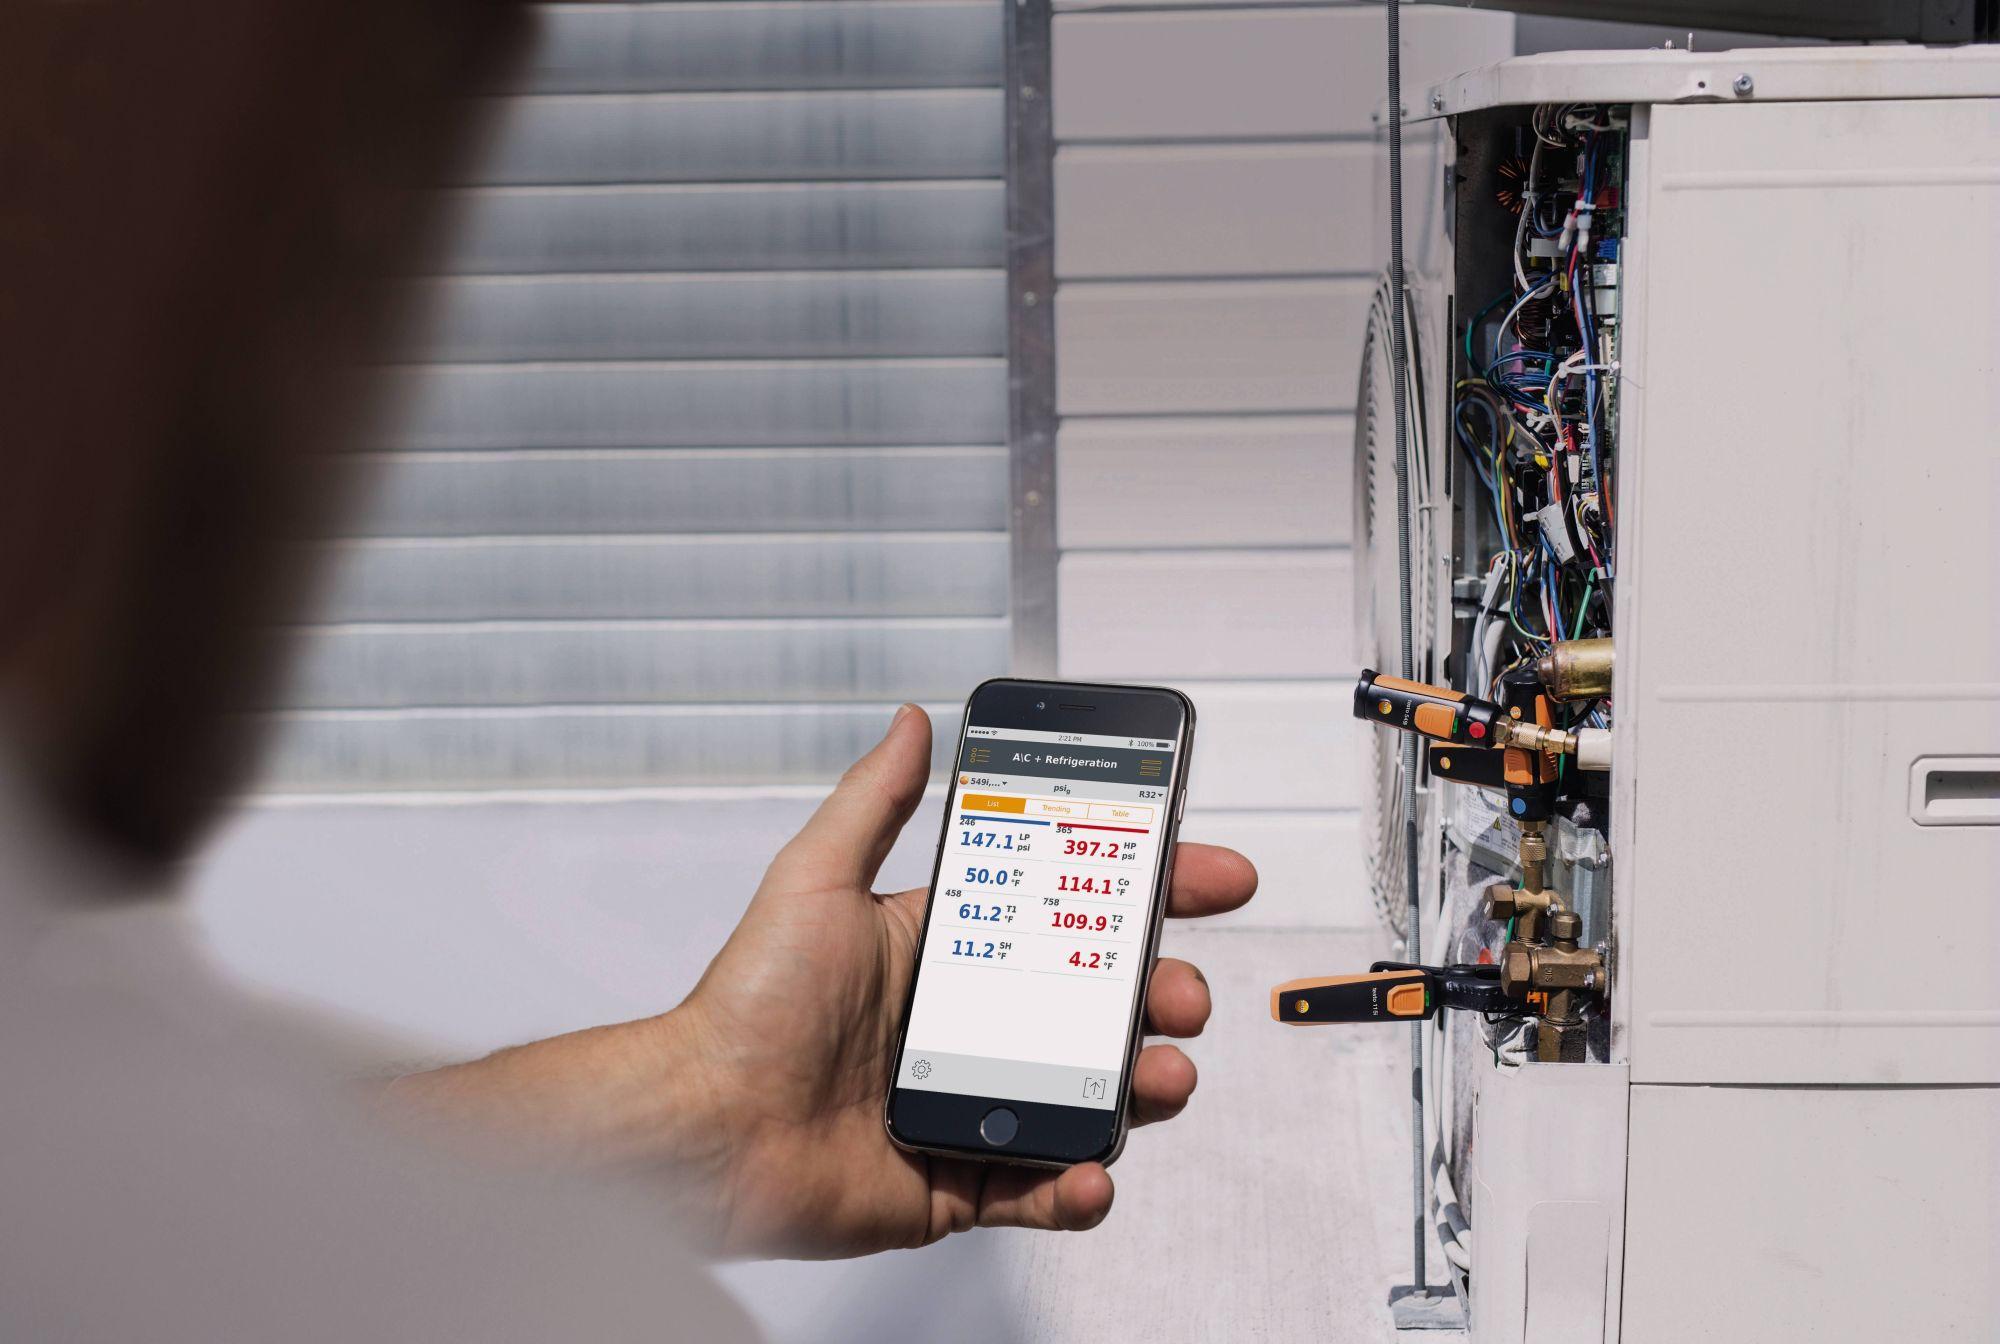 testo-115i-refrigeration-app-147.1-US.jpg